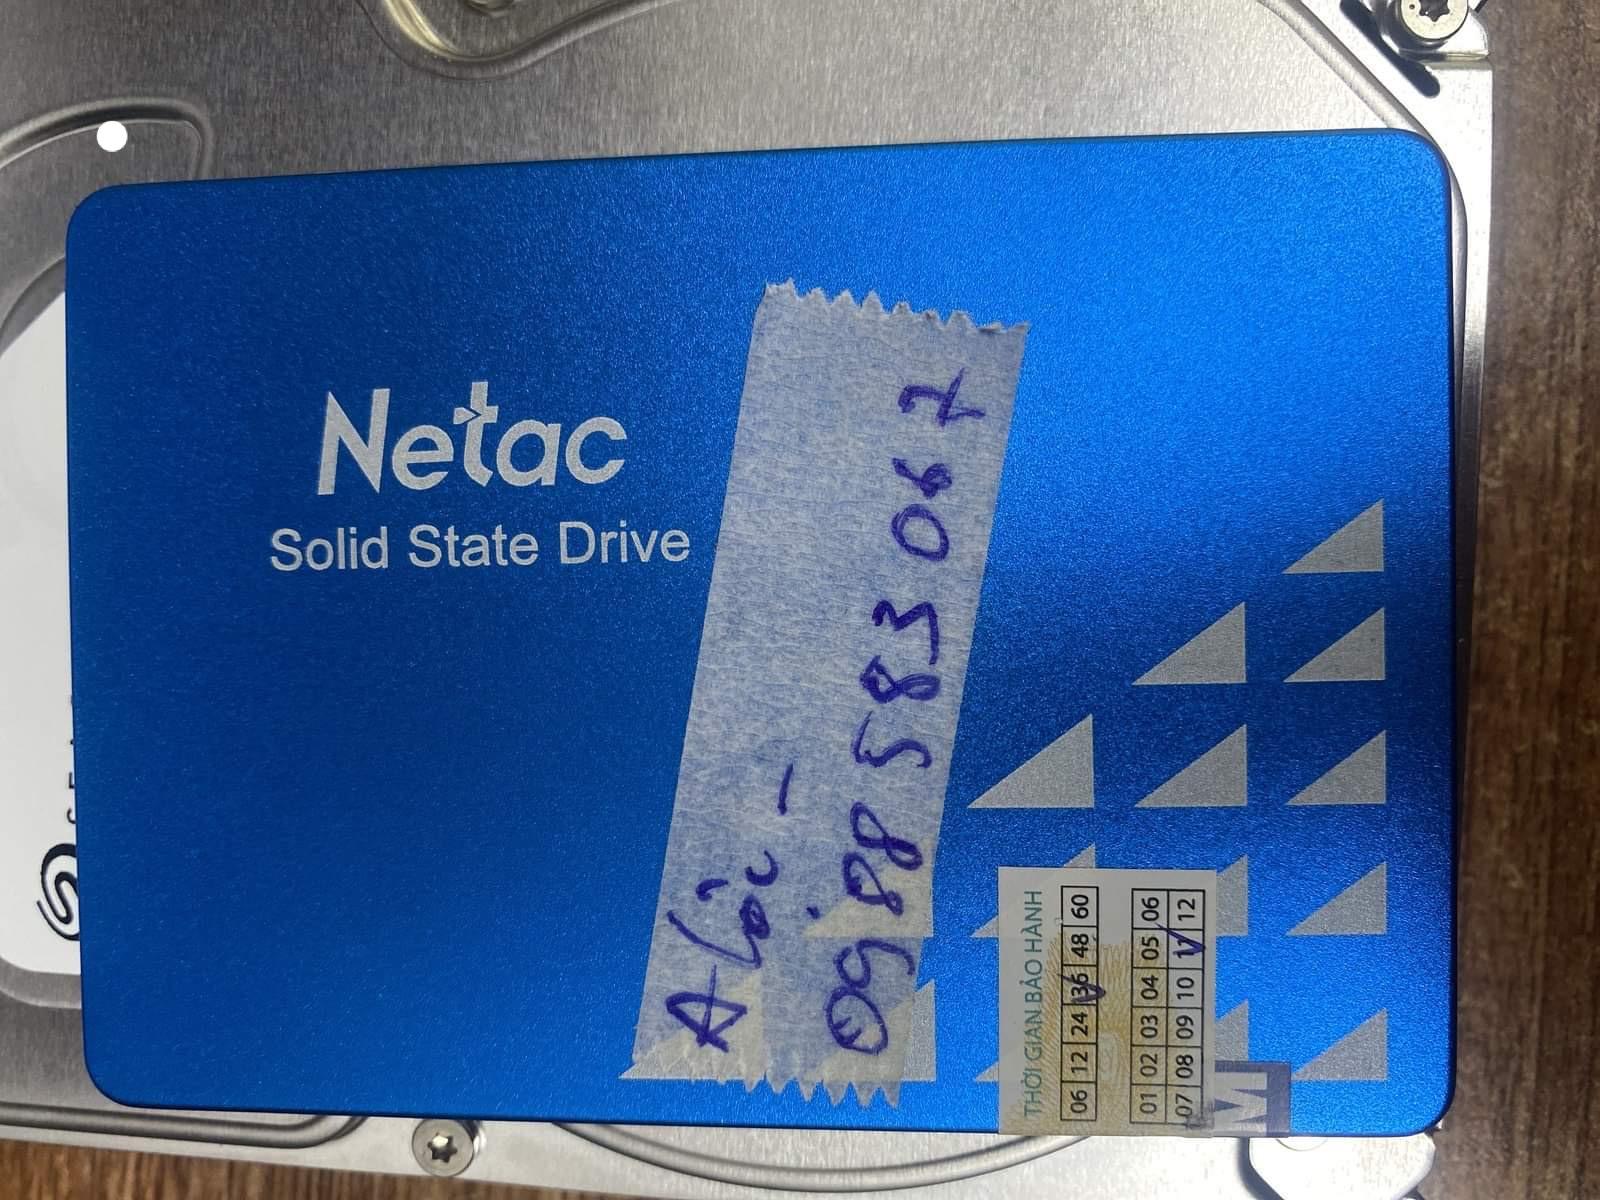 Cứu dữ liệu ổ cứng SSD Netac 120GB không nhận 12/06/2020 - cuumaytinh